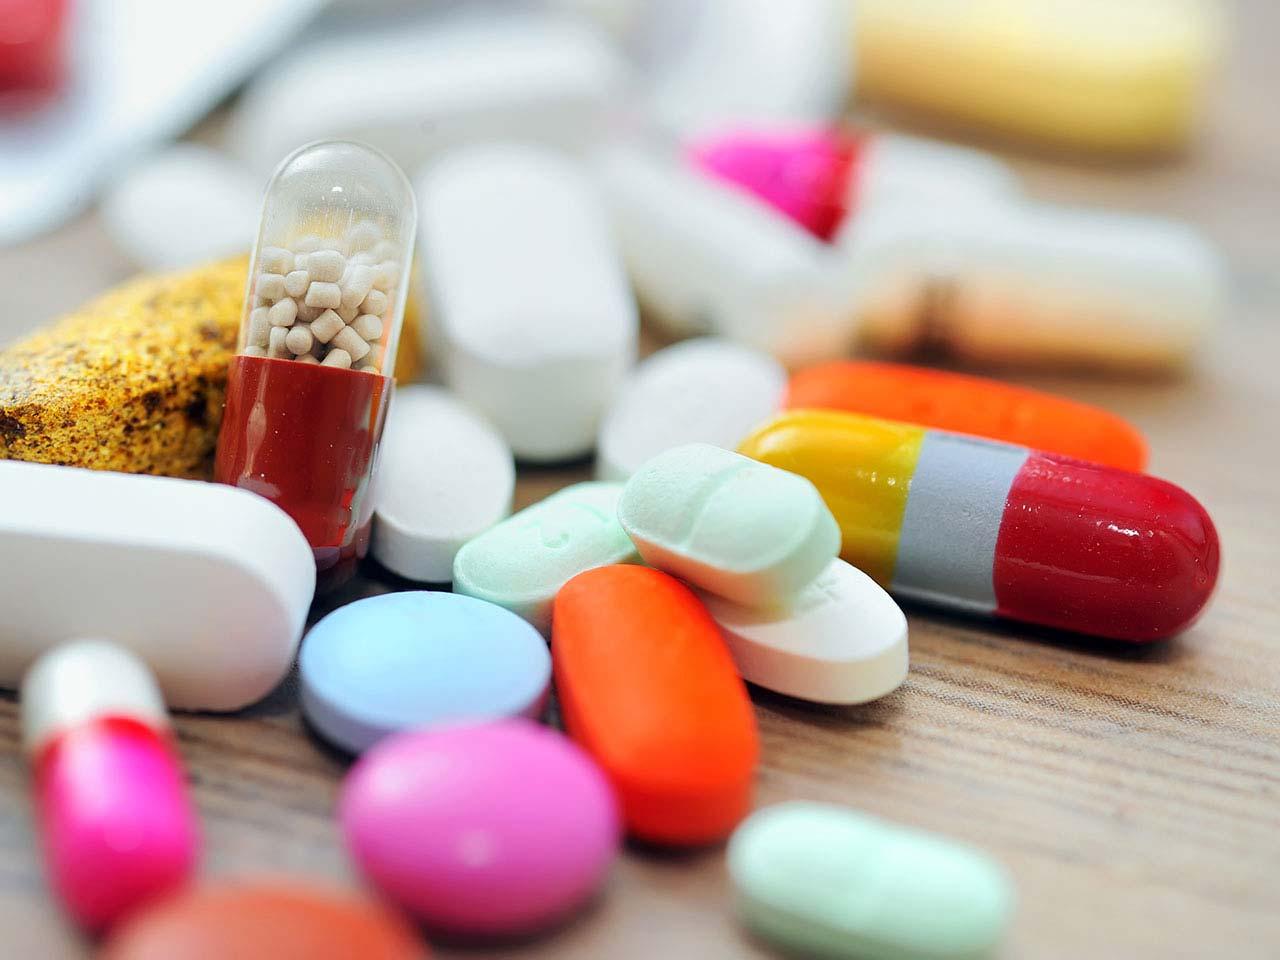 Therapeutic Communities in Drug Rehabilitation Facilities